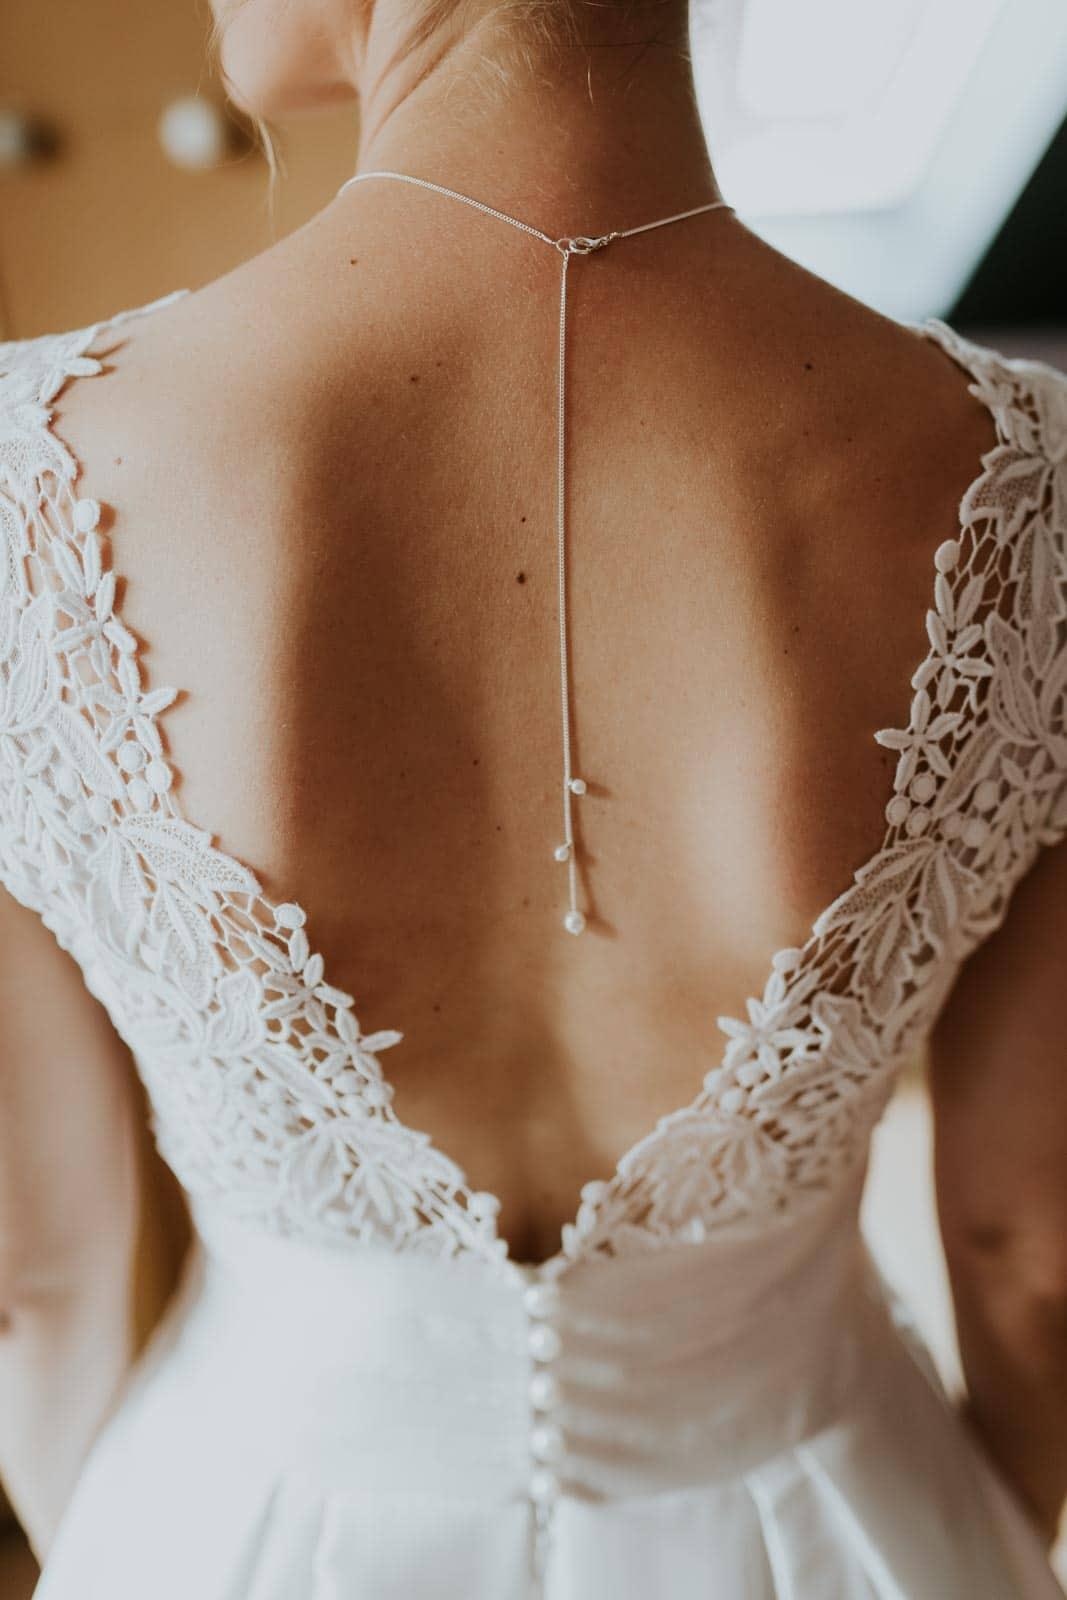 Détail du dos de la robe de mariée.